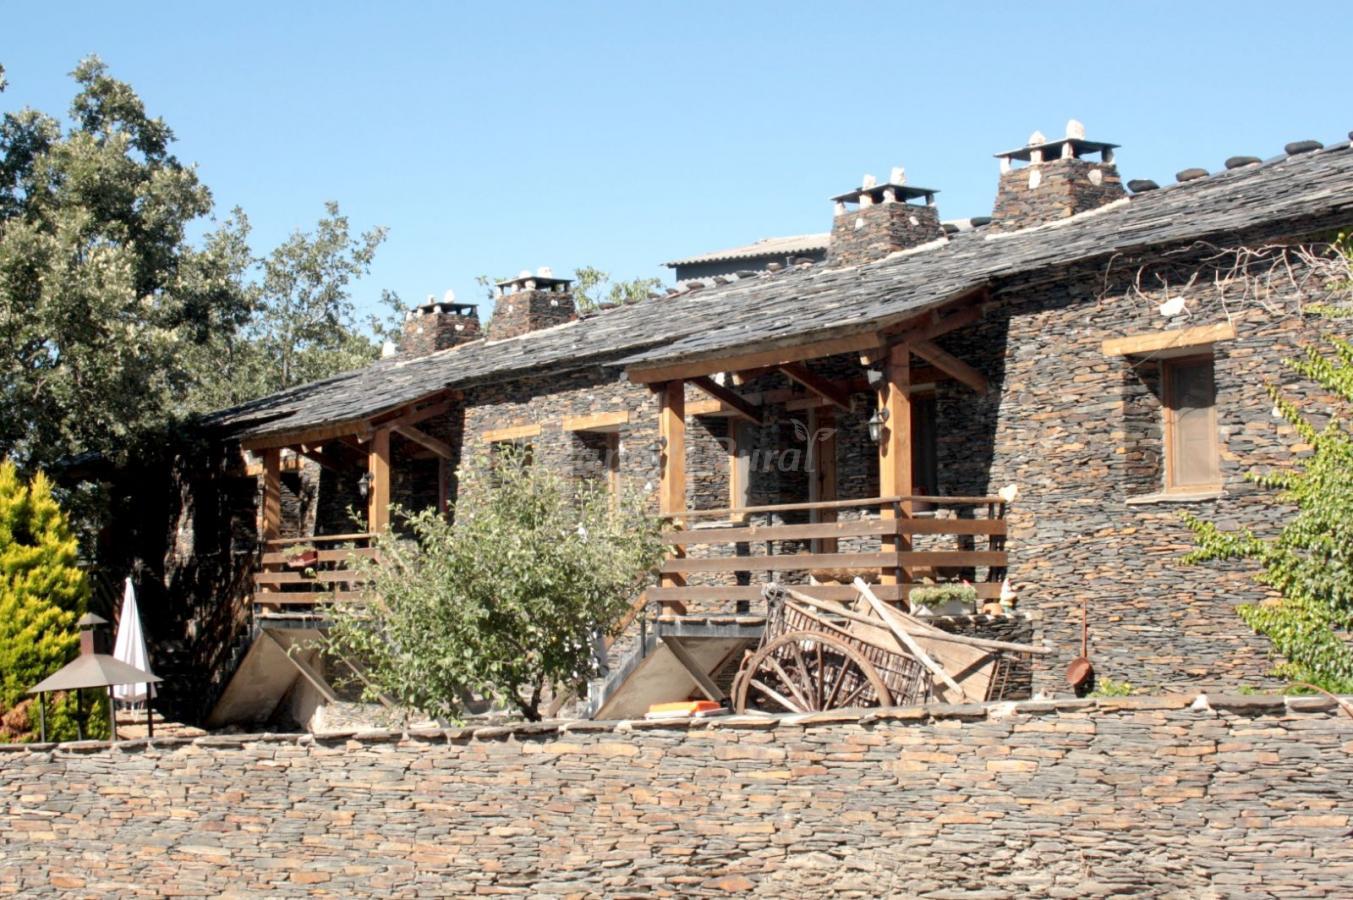 Fotos de apartamentos rurales las cabezadas casa rural en majaelrayo guadalajara - Casas rurales guadalajara baratas ...